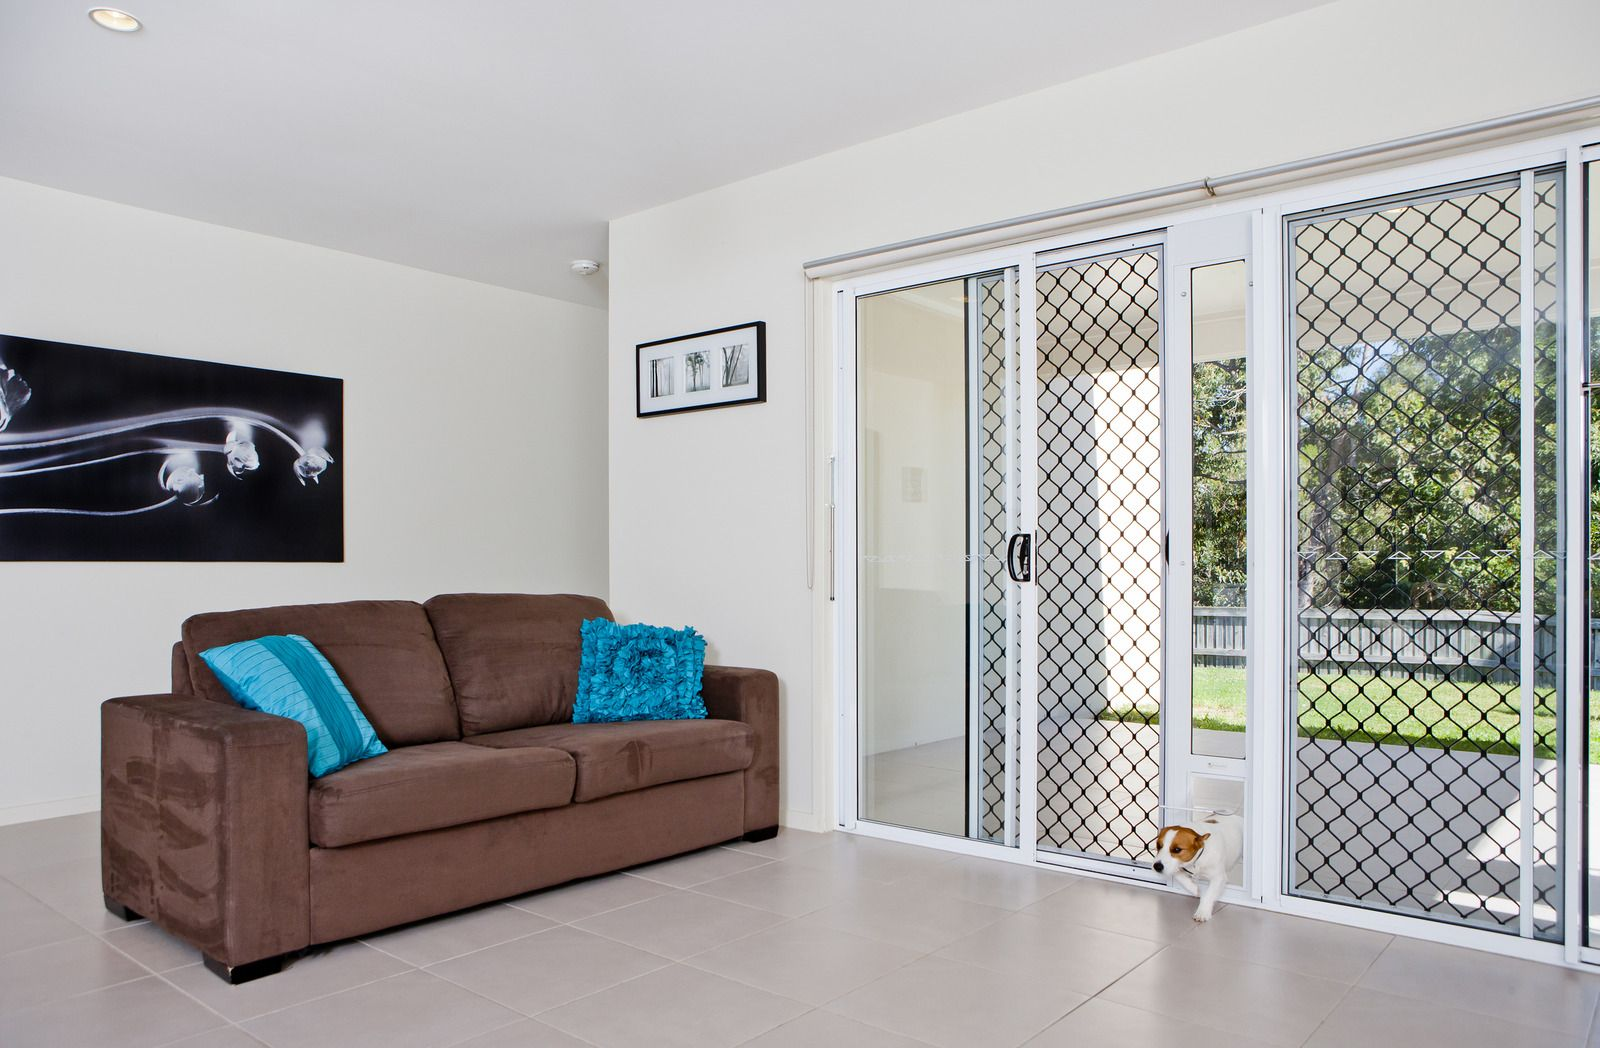 Patio pet door insert for sliding doors temporary dog doors patio pet door insert for sliding doors temporary dog doors cat doors planetlyrics Gallery